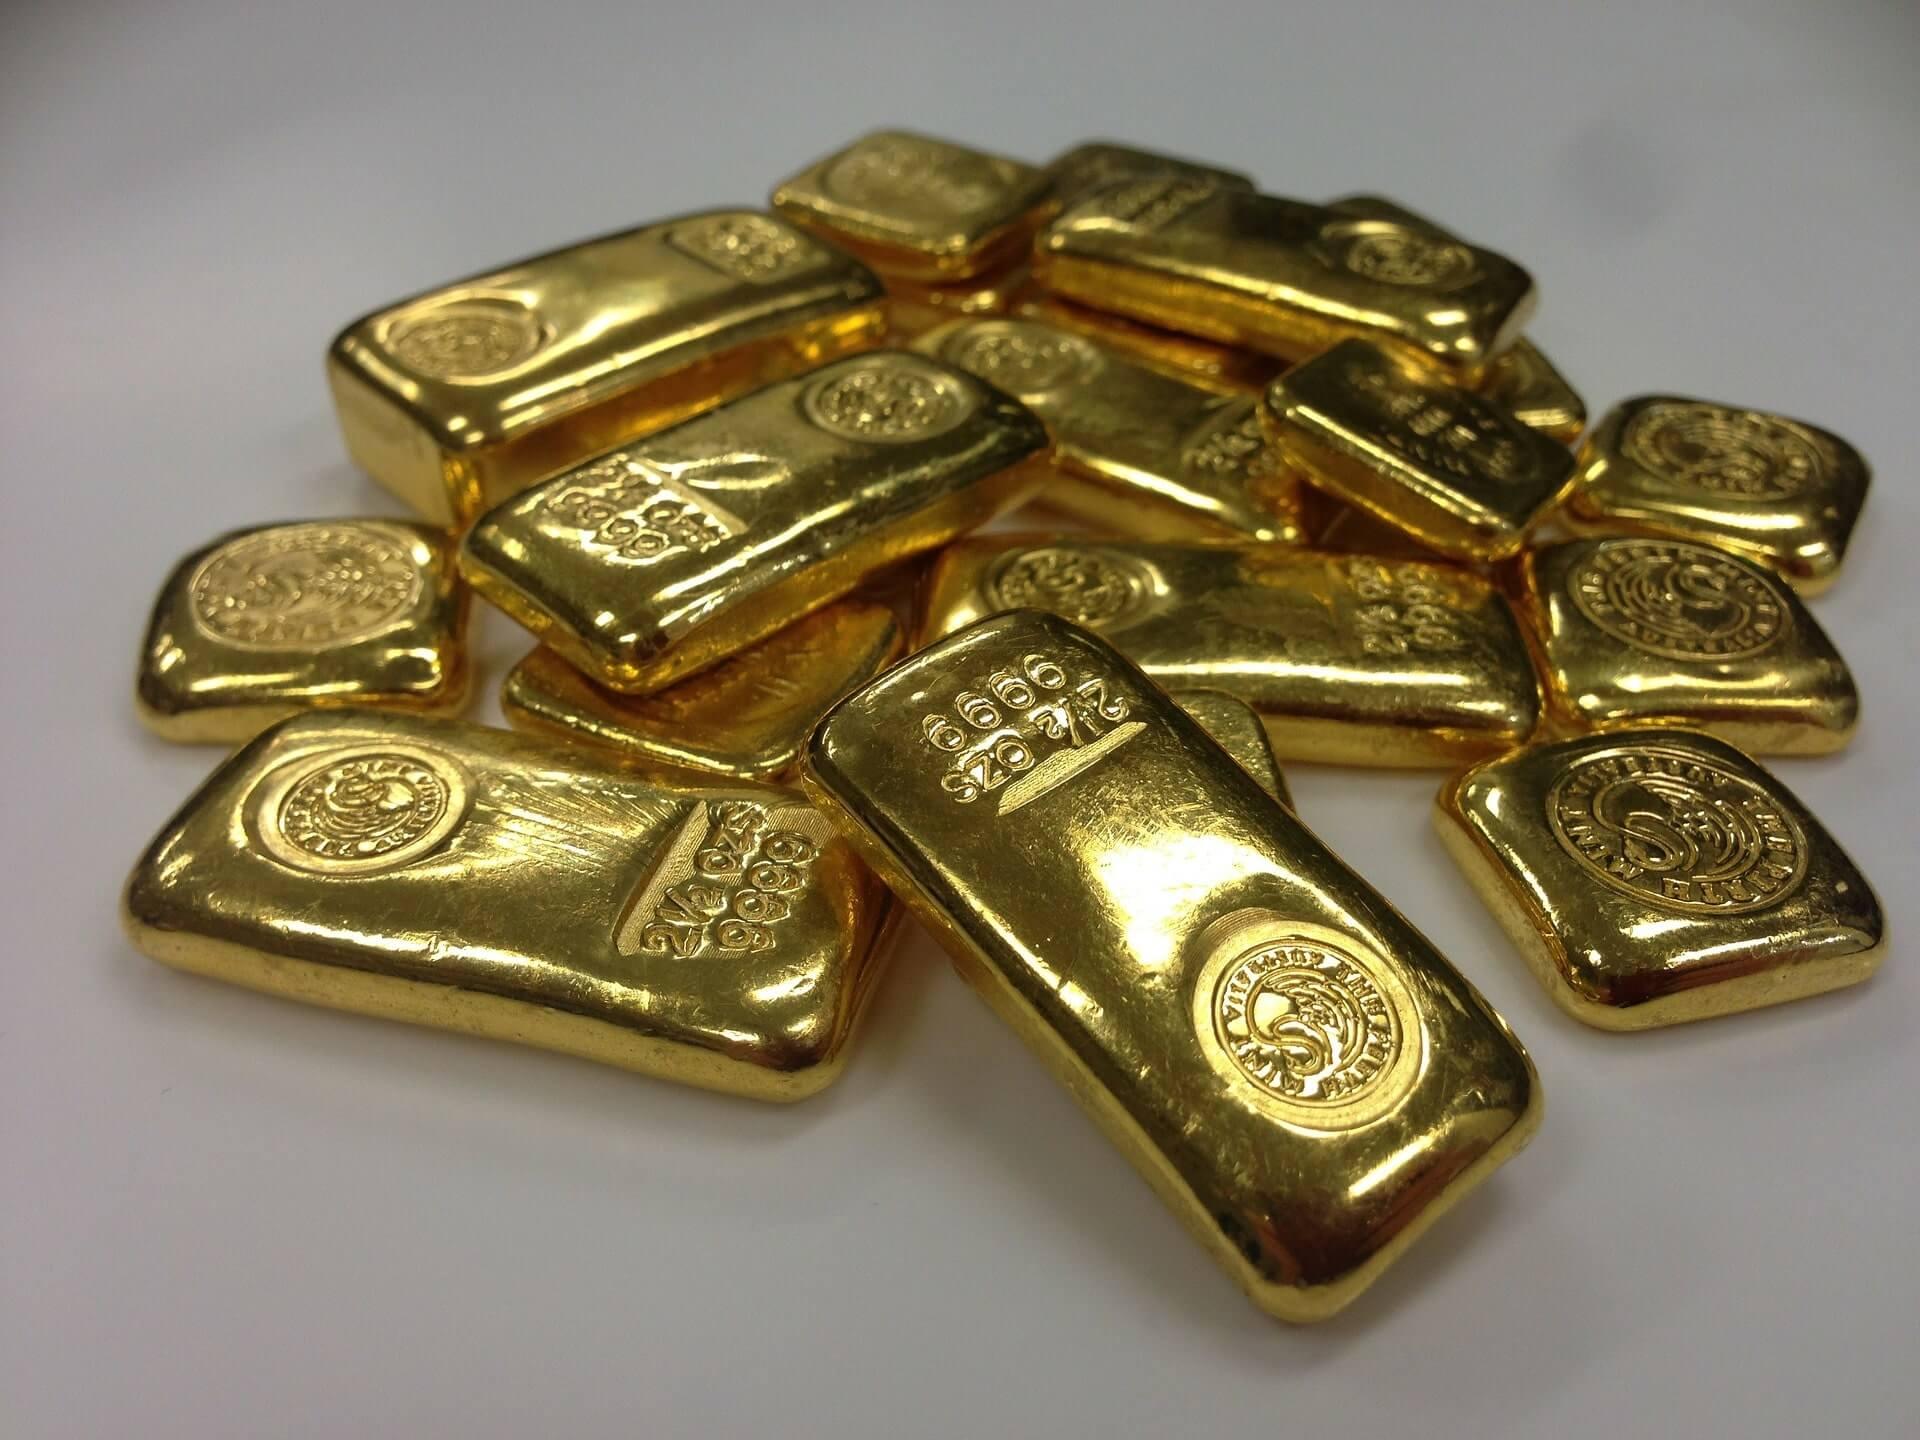 02.06.20 Přehled komodit – Zlato, Stříbro